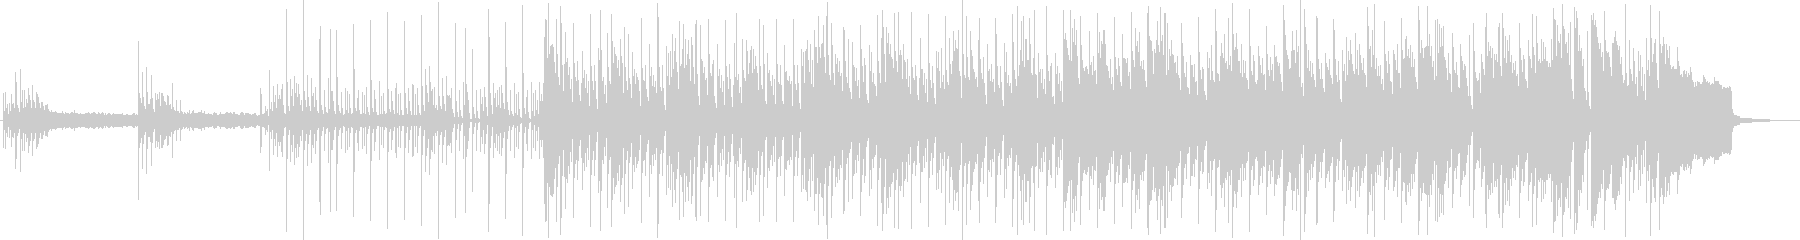 浮遊感のあるテクノポップ音の未再生の波形